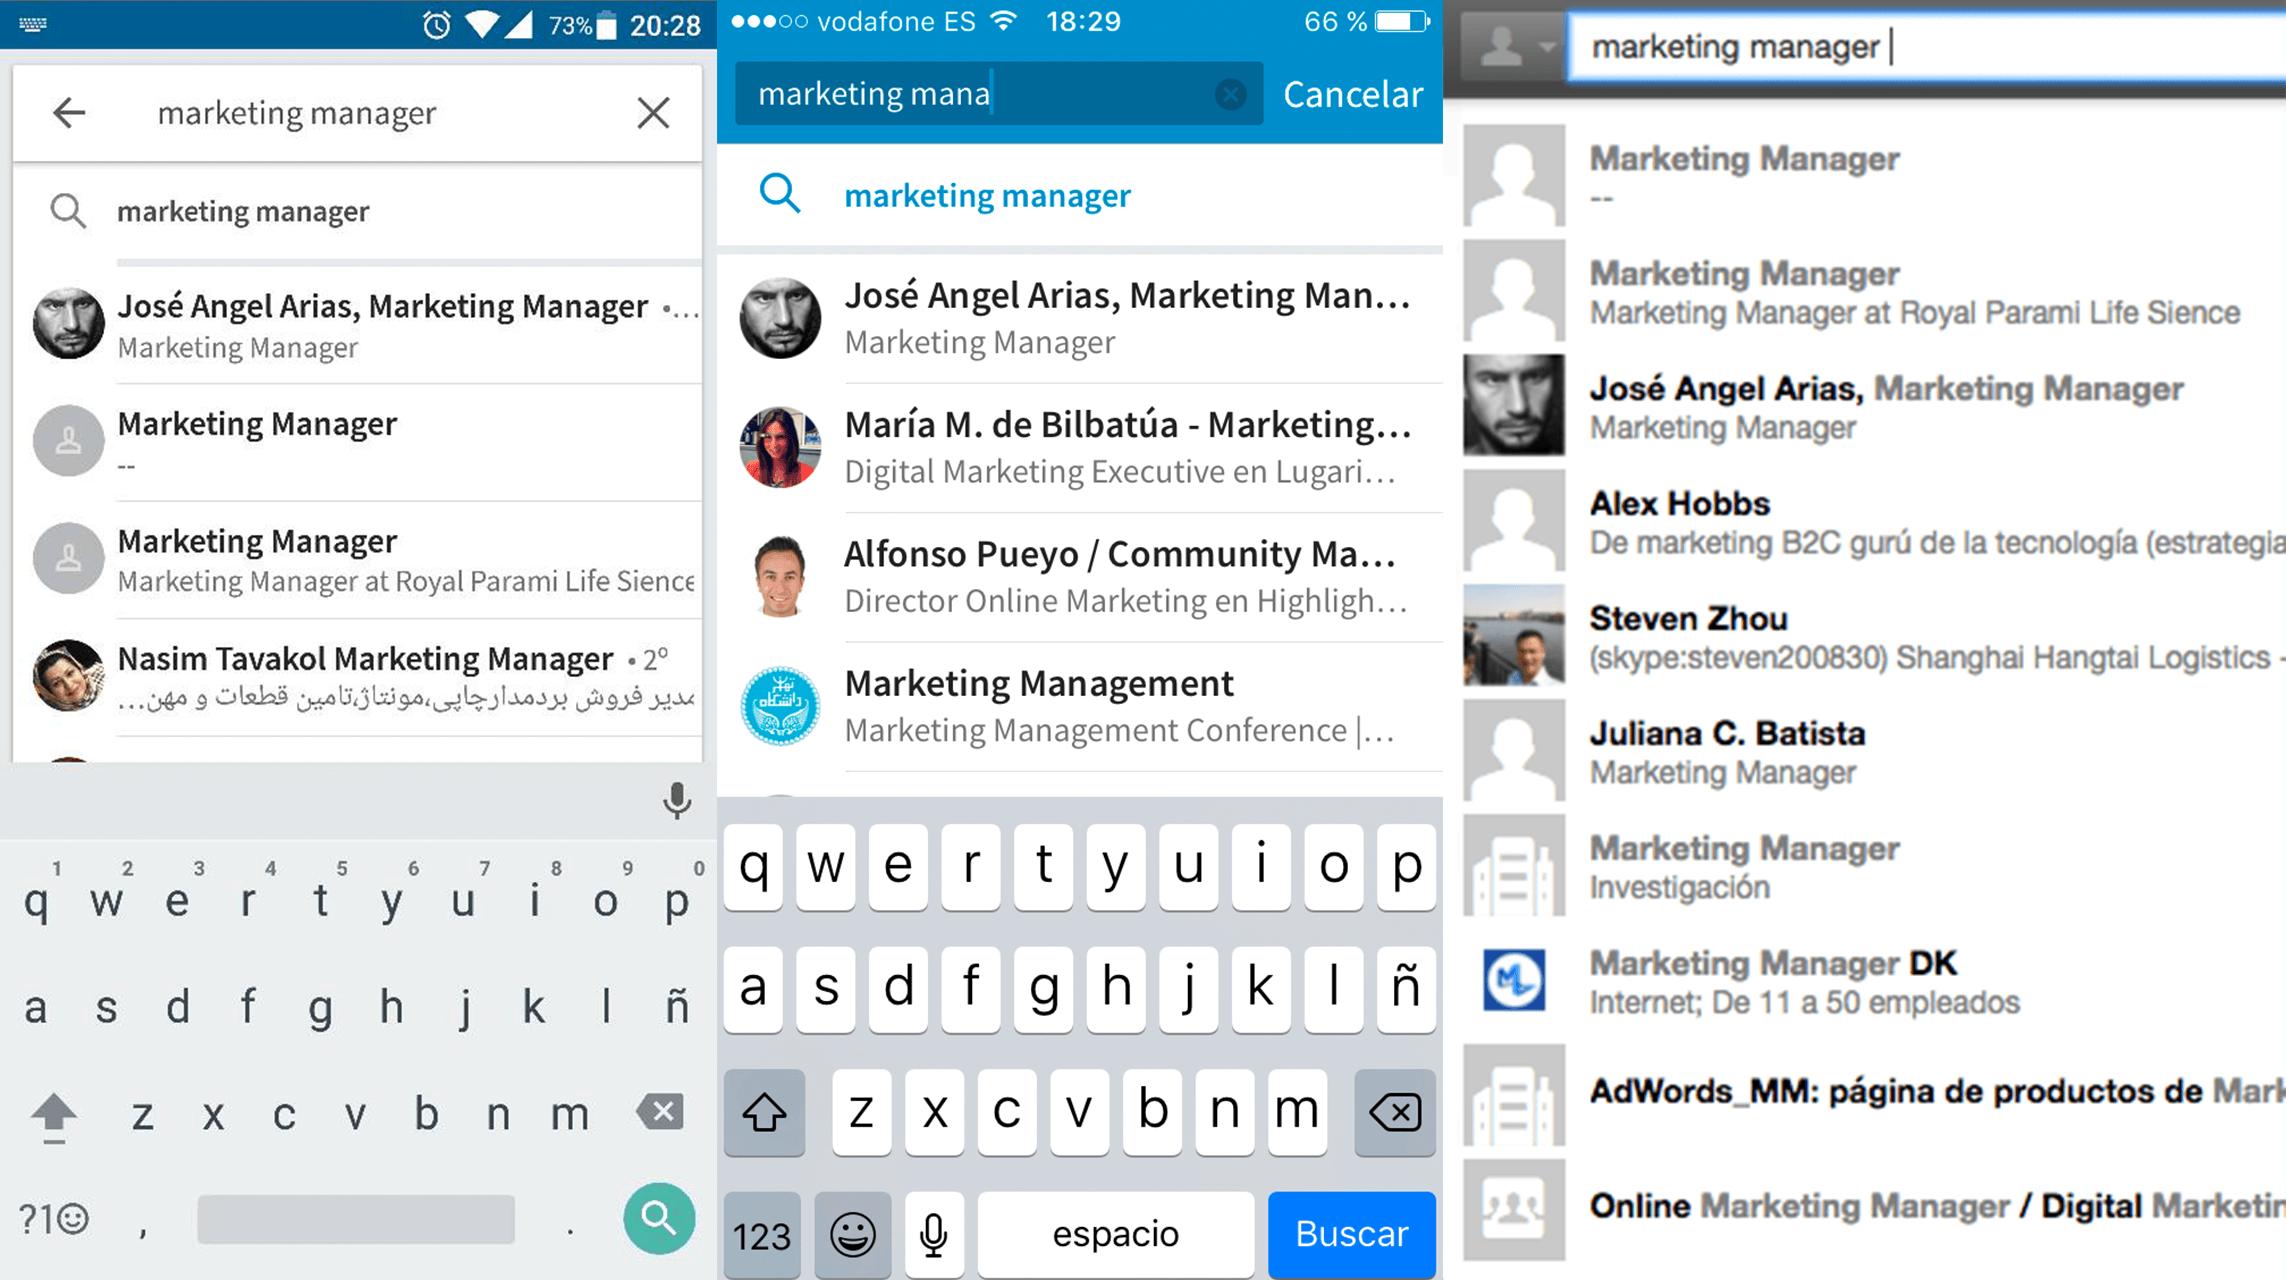 SEO en Linkedin - Marketing Manager 2